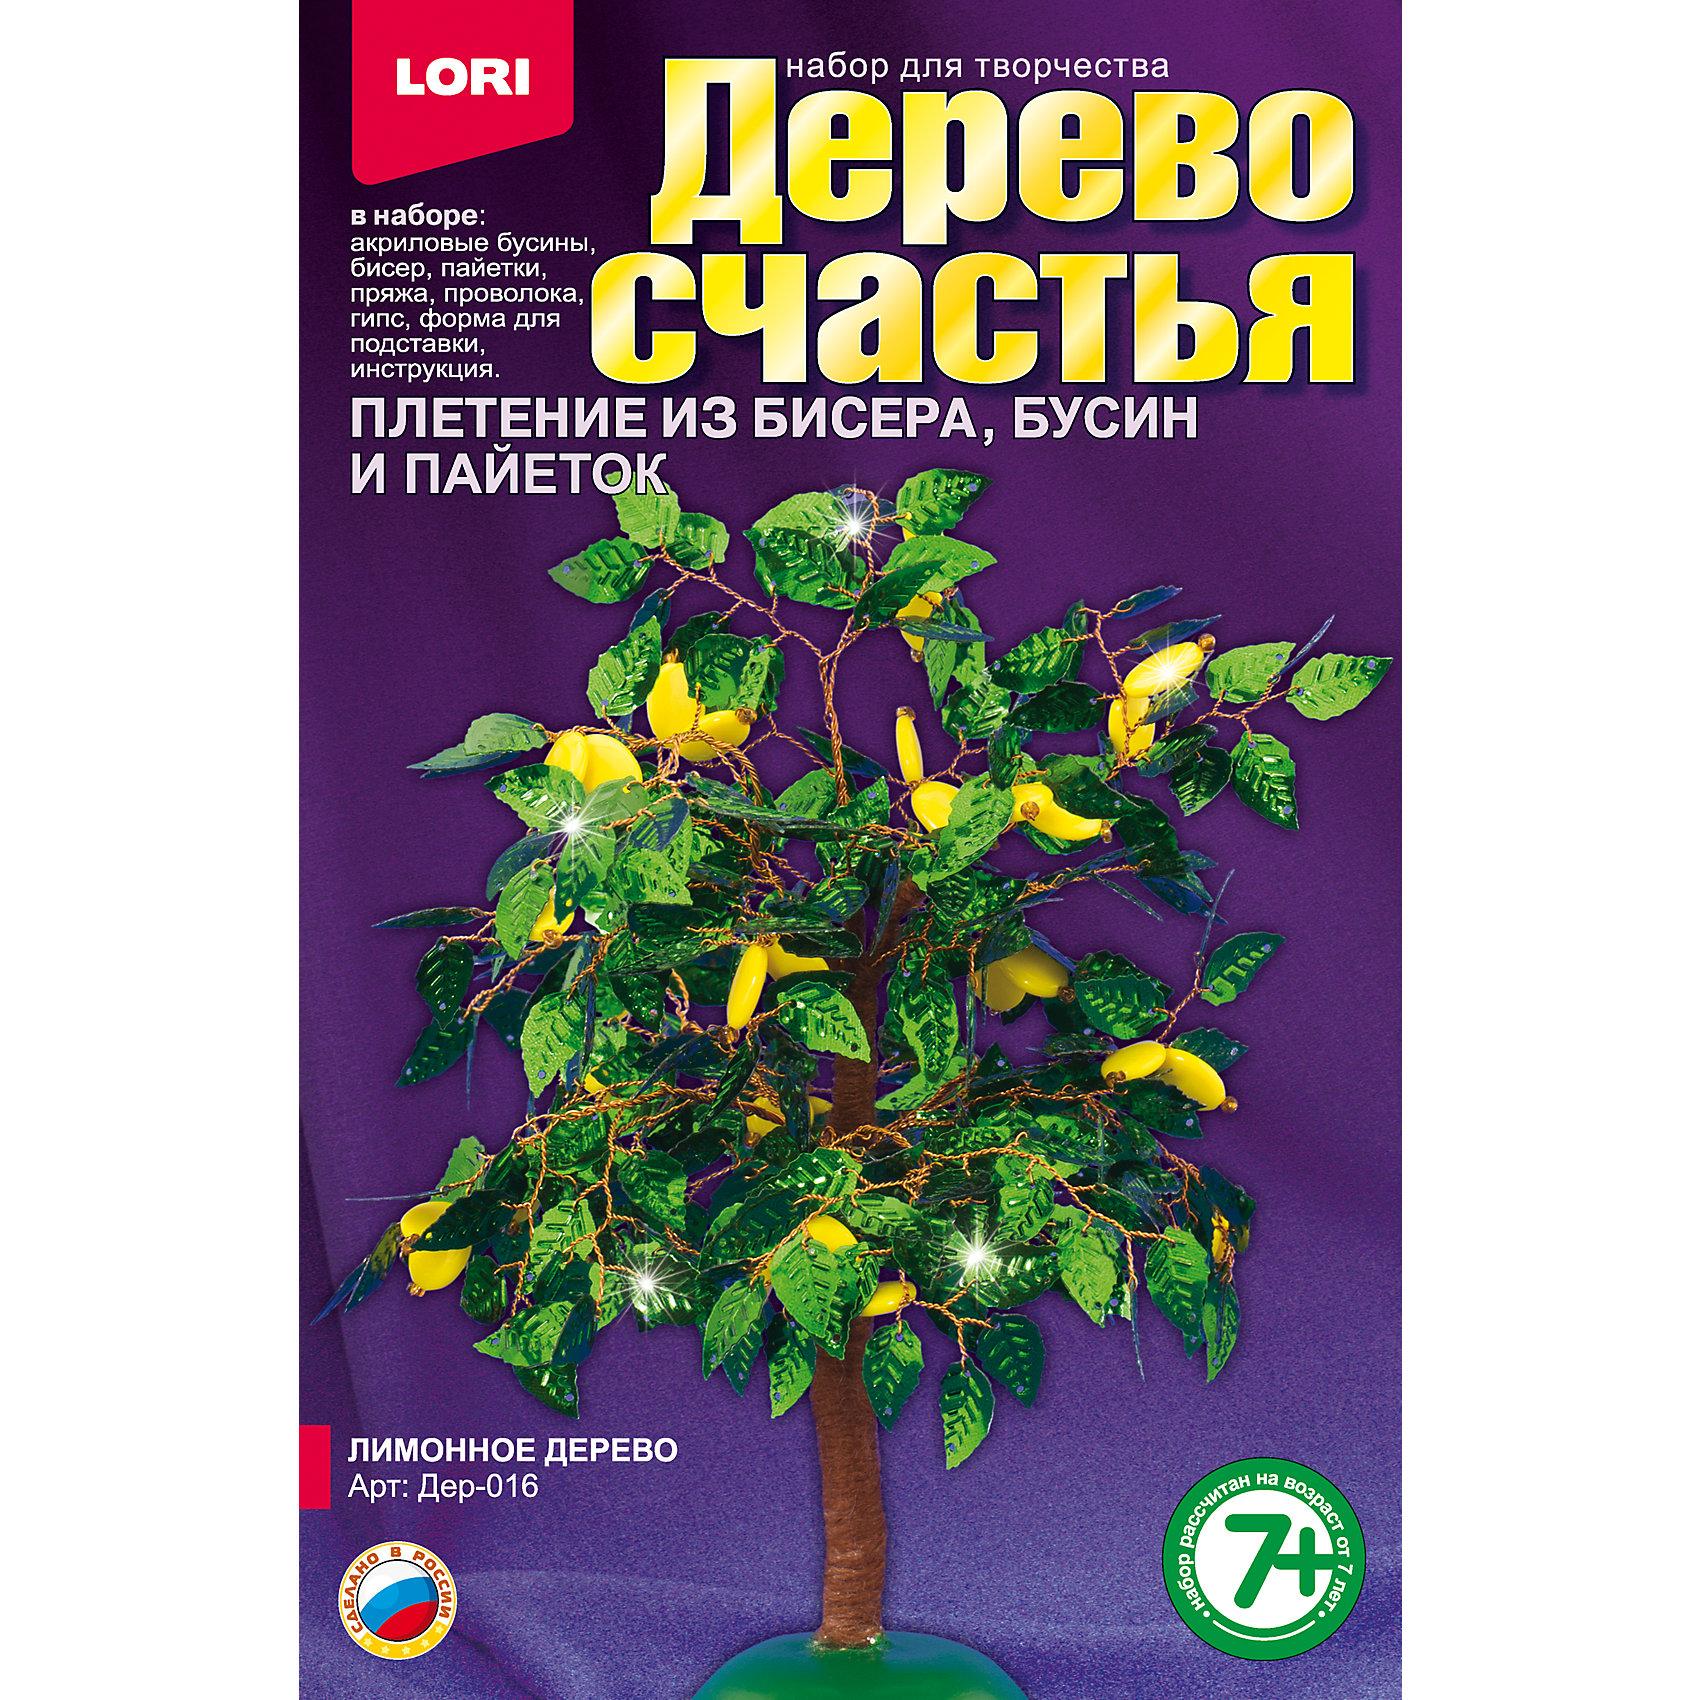 LORI Дерево счастья Лимонное дерево lori набор для рукоделия дерево счастья сакура